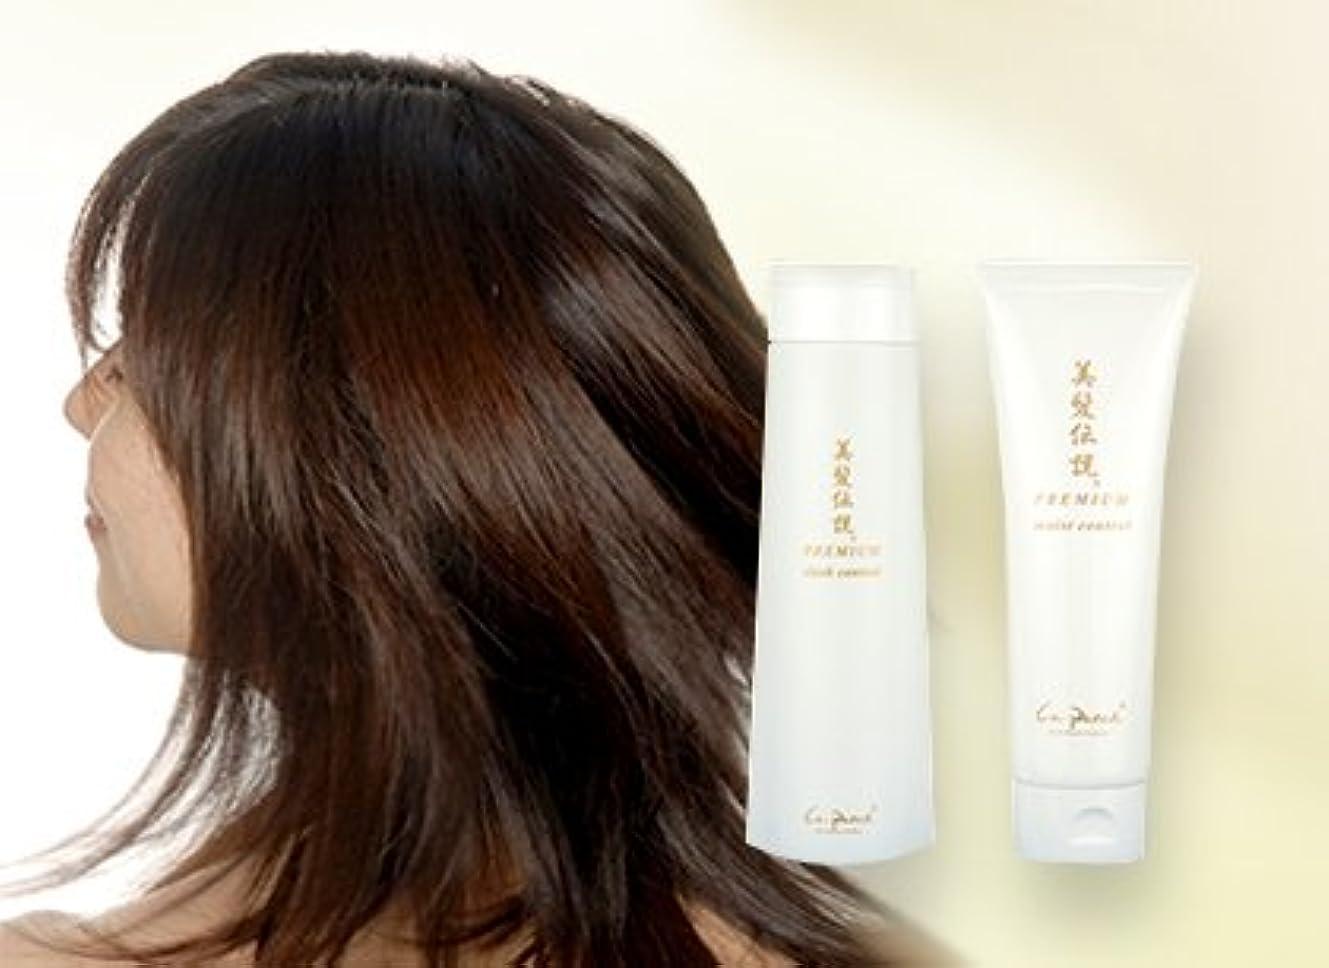 クモ整然とした設計美髪伝説プレミアムスリークコントロール&モイストコントロールセット